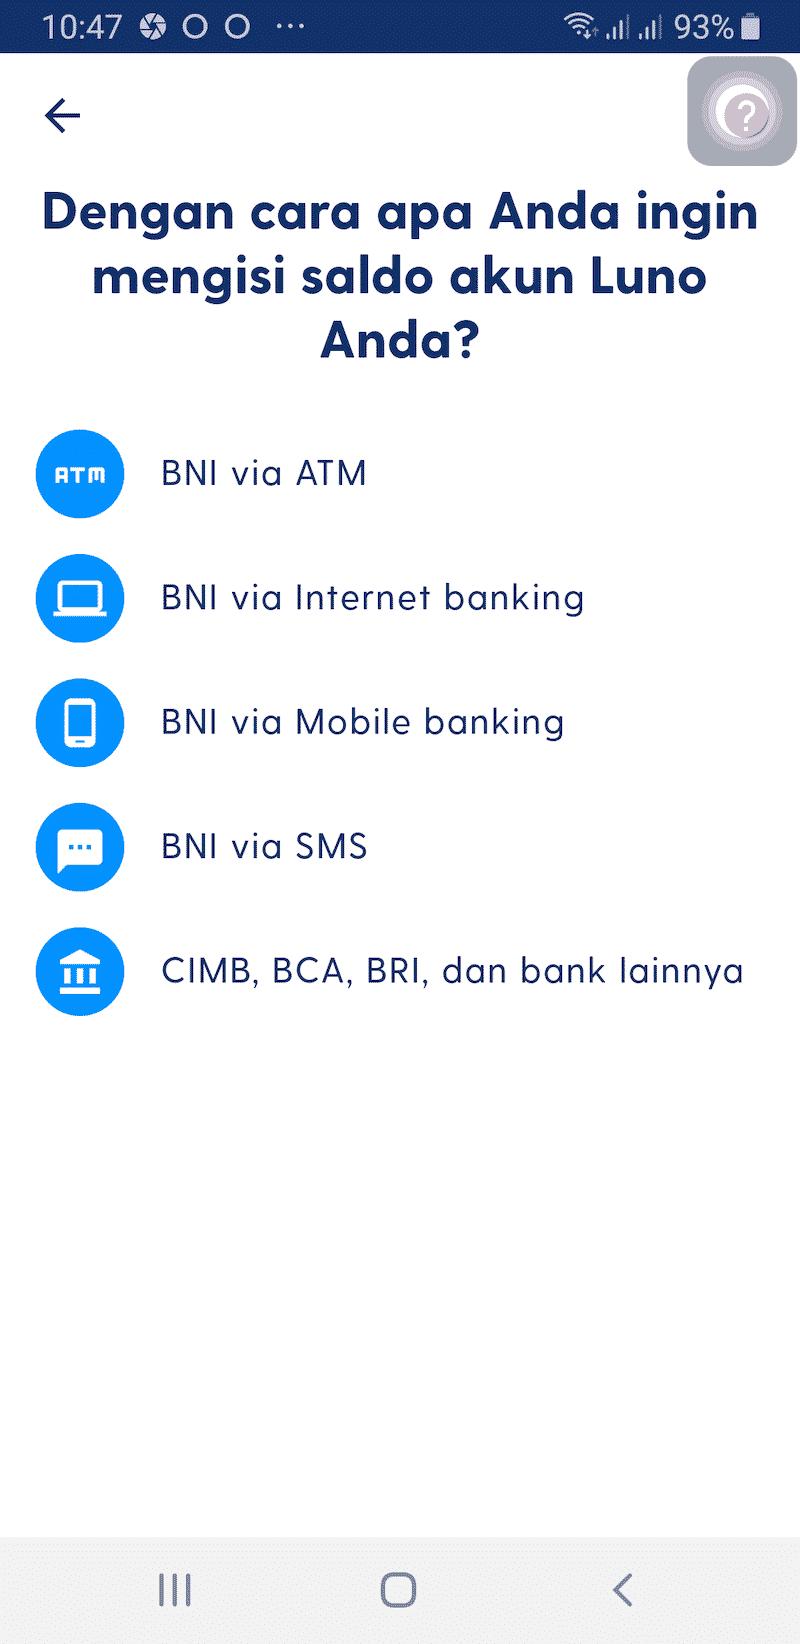 Cara Deposit Aplikasi Luno Jual Beli Bitcoin Kripto